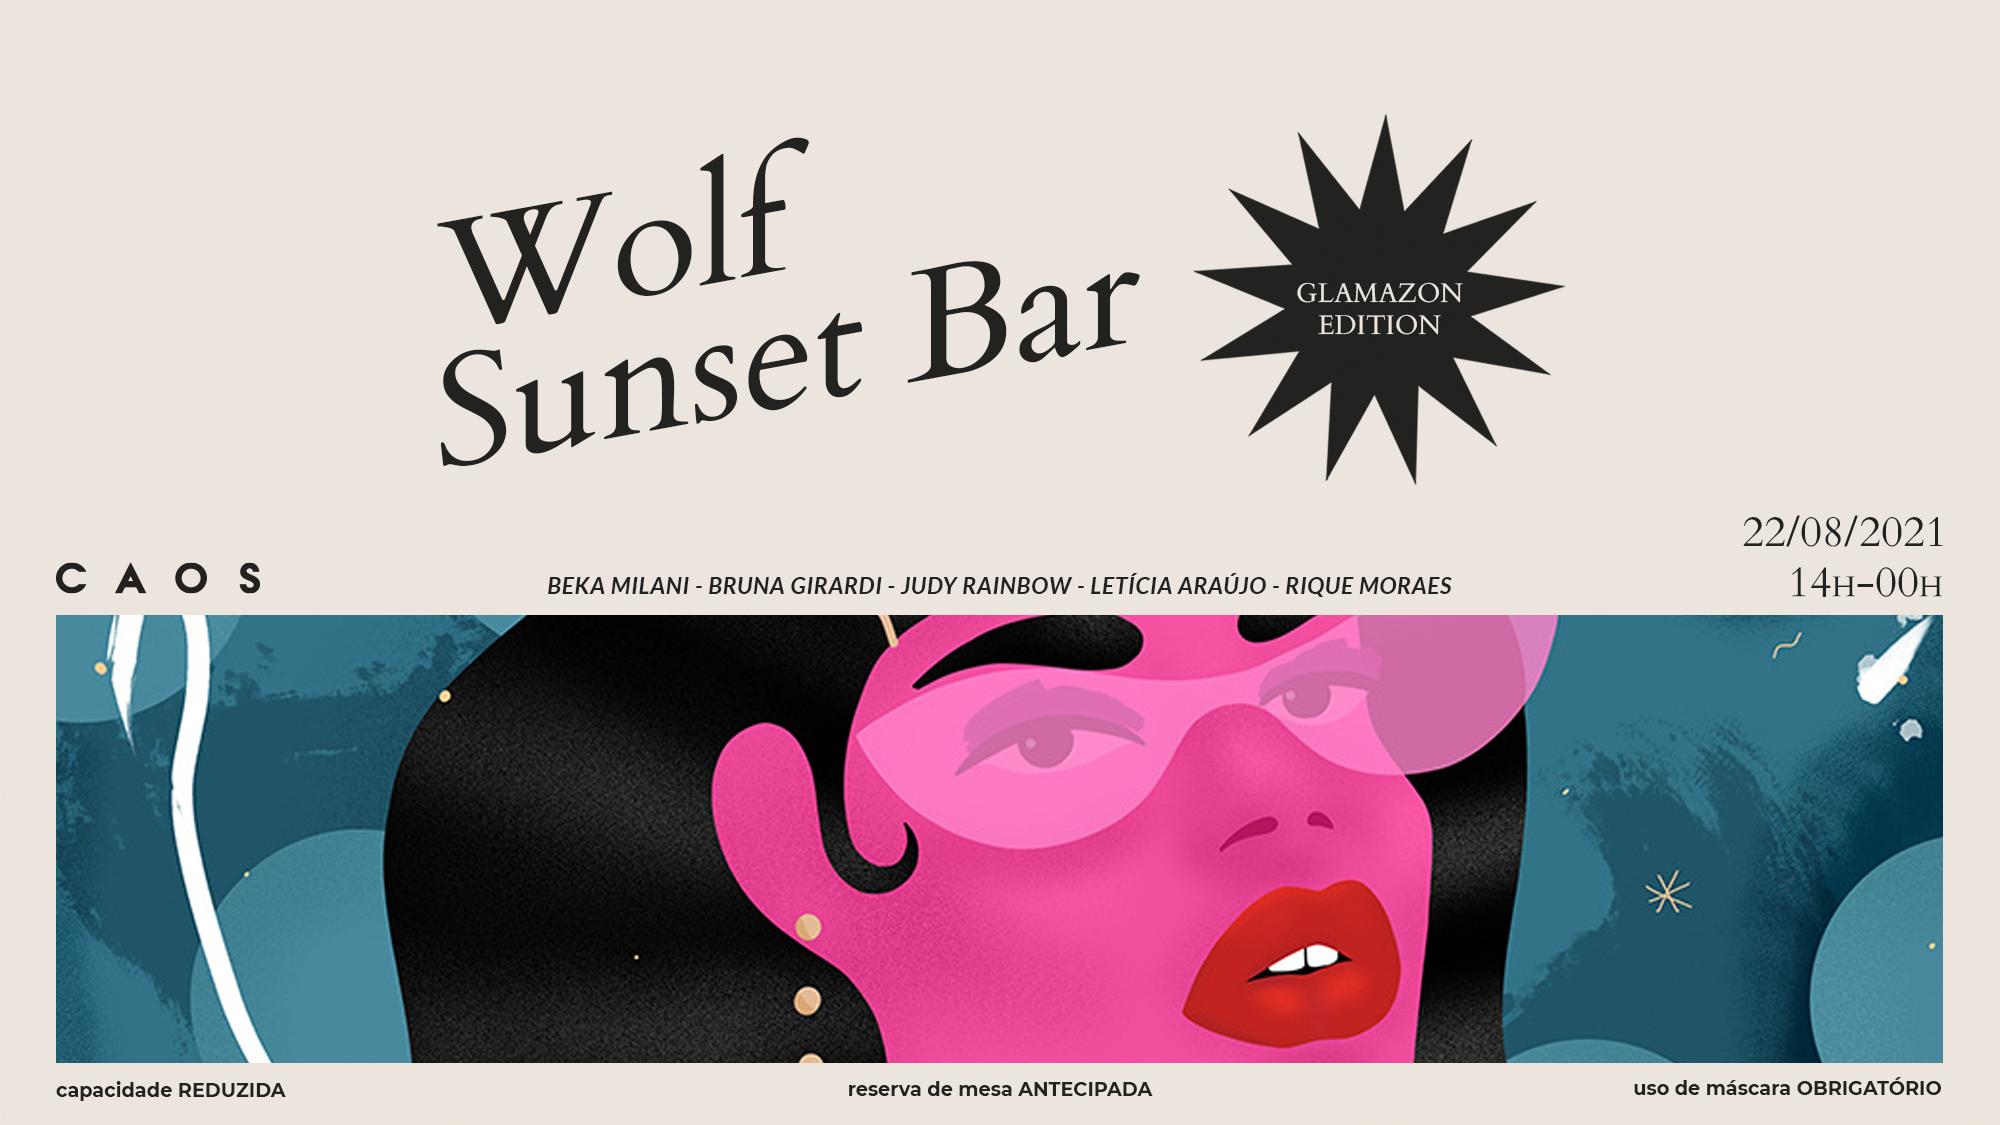 Wolf Sunset Bar Glamazon Edition